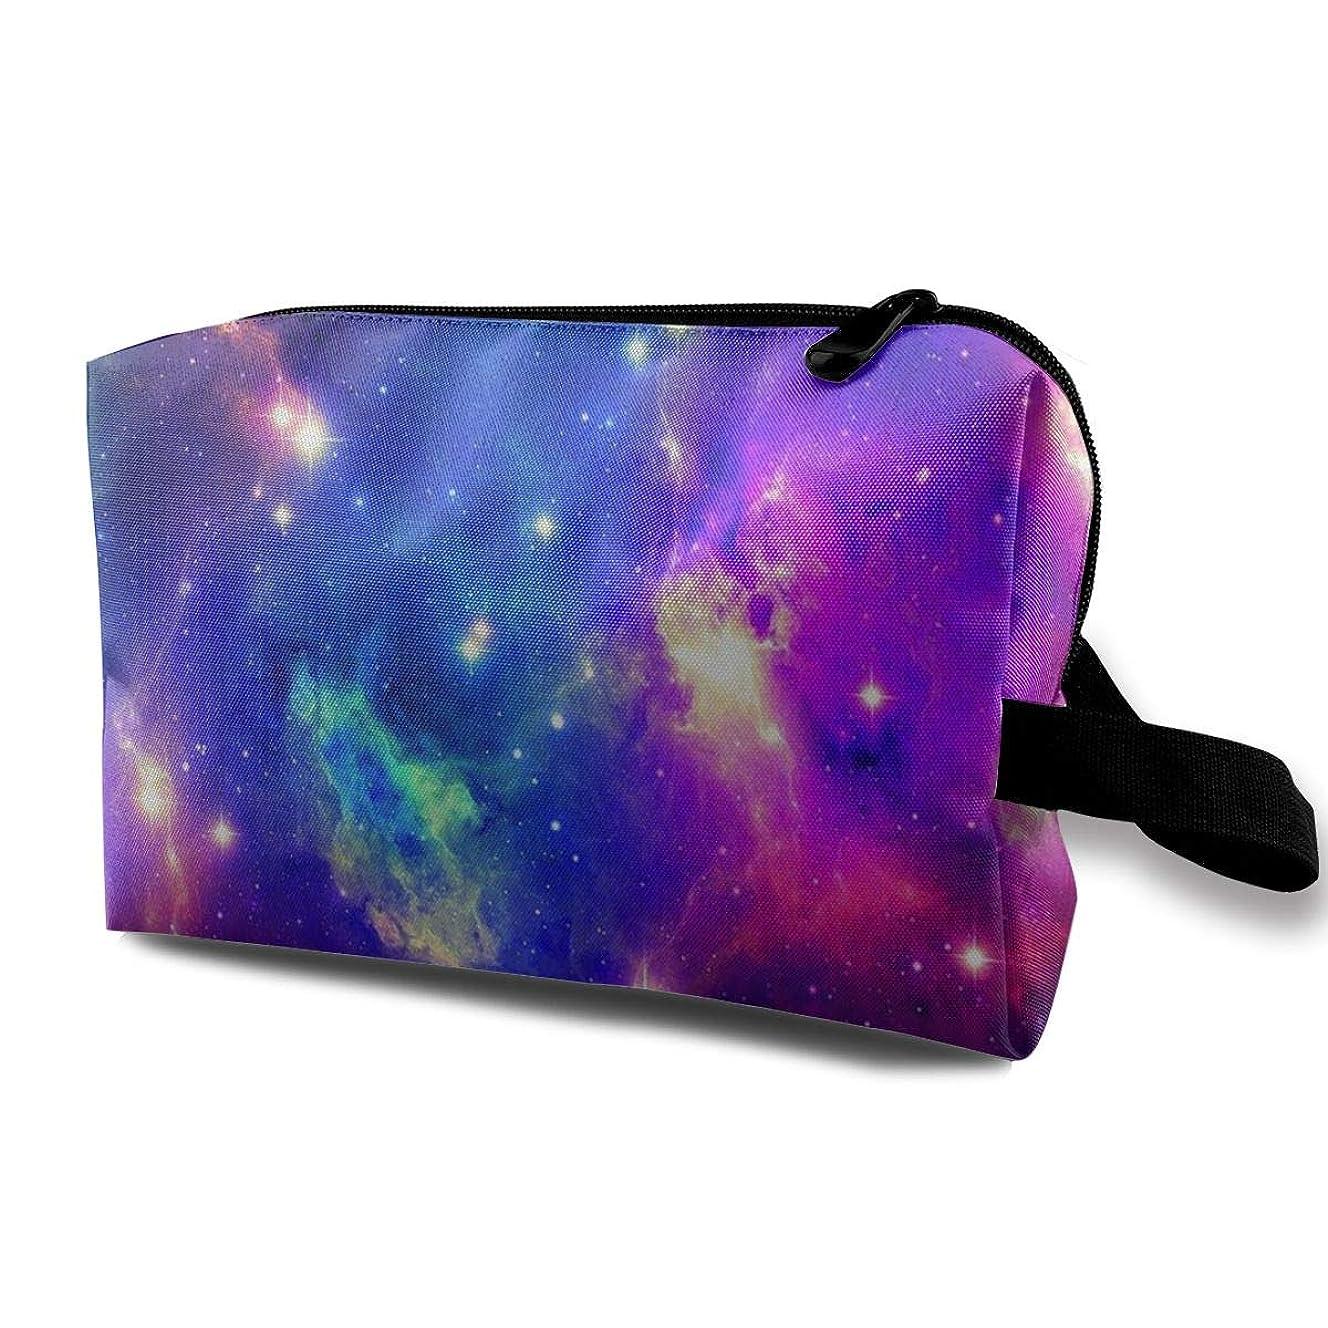 外側操作一緒にSpace Nebula Galaxy 収納ポーチ 化粧ポーチ 大容量 軽量 耐久性 ハンドル付持ち運び便利。入れ 自宅?出張?旅行?アウトドア撮影などに対応。メンズ レディース トラベルグッズ